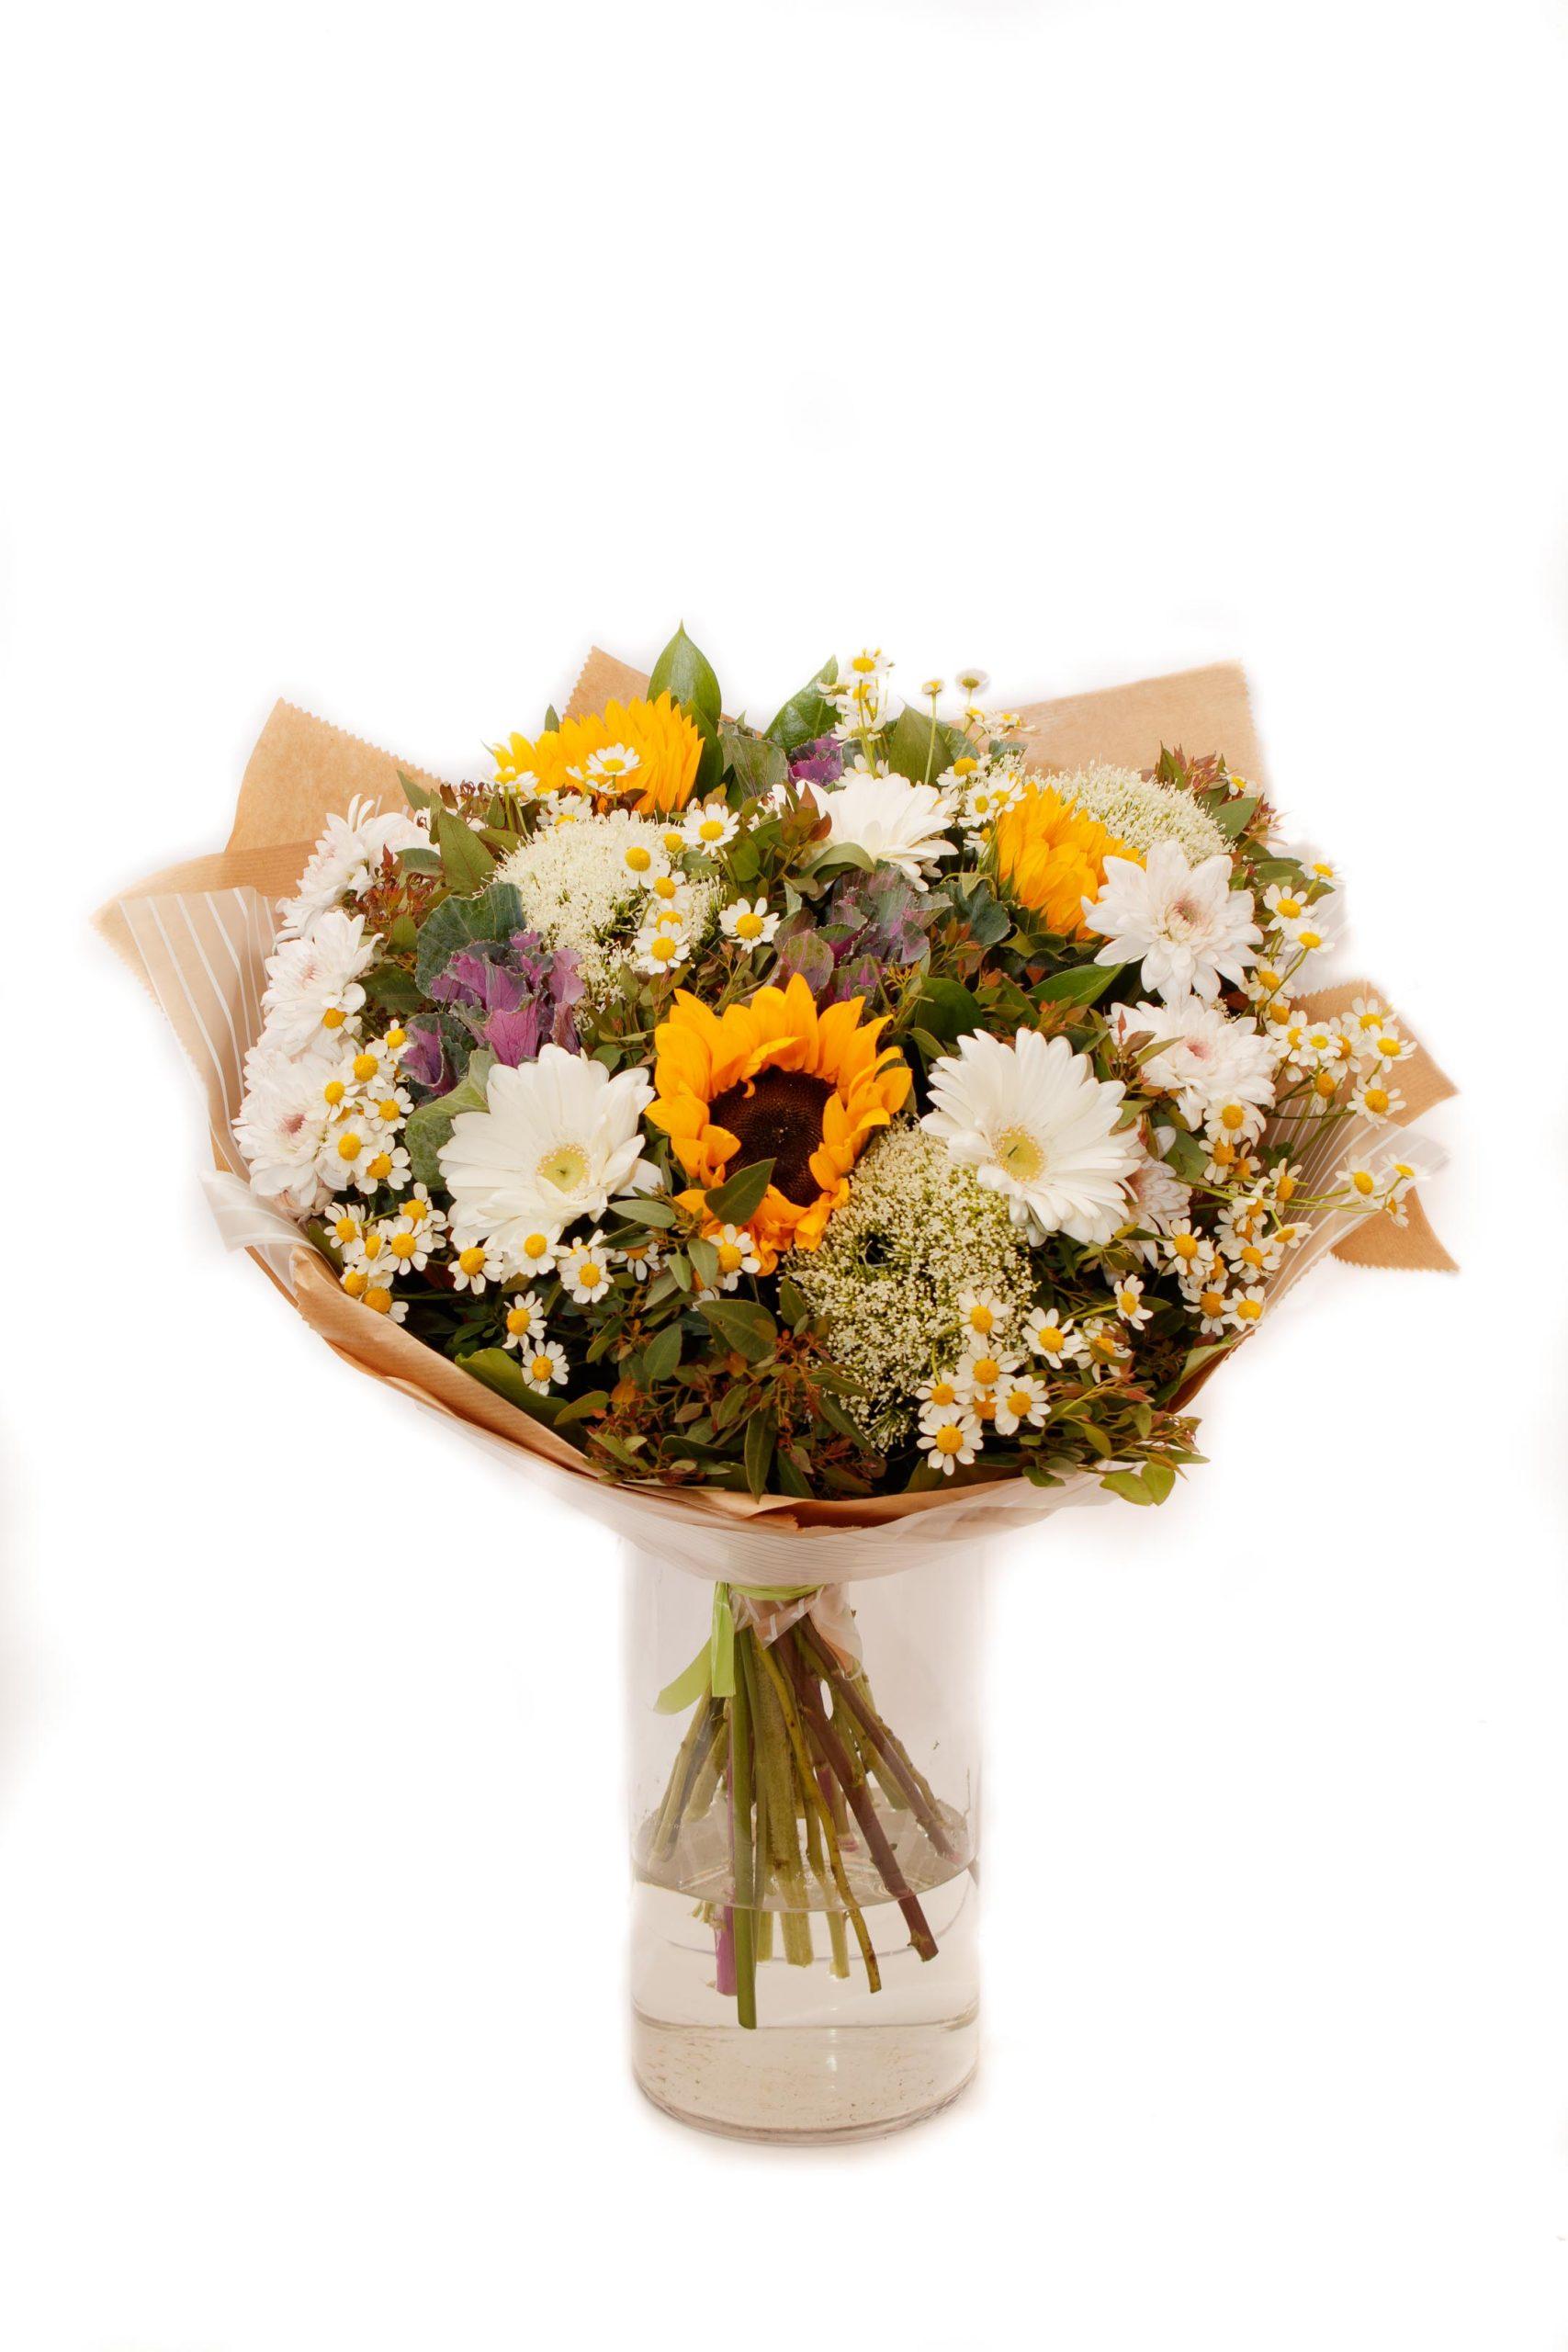 ואלס הפרחים - The garden - טבריה